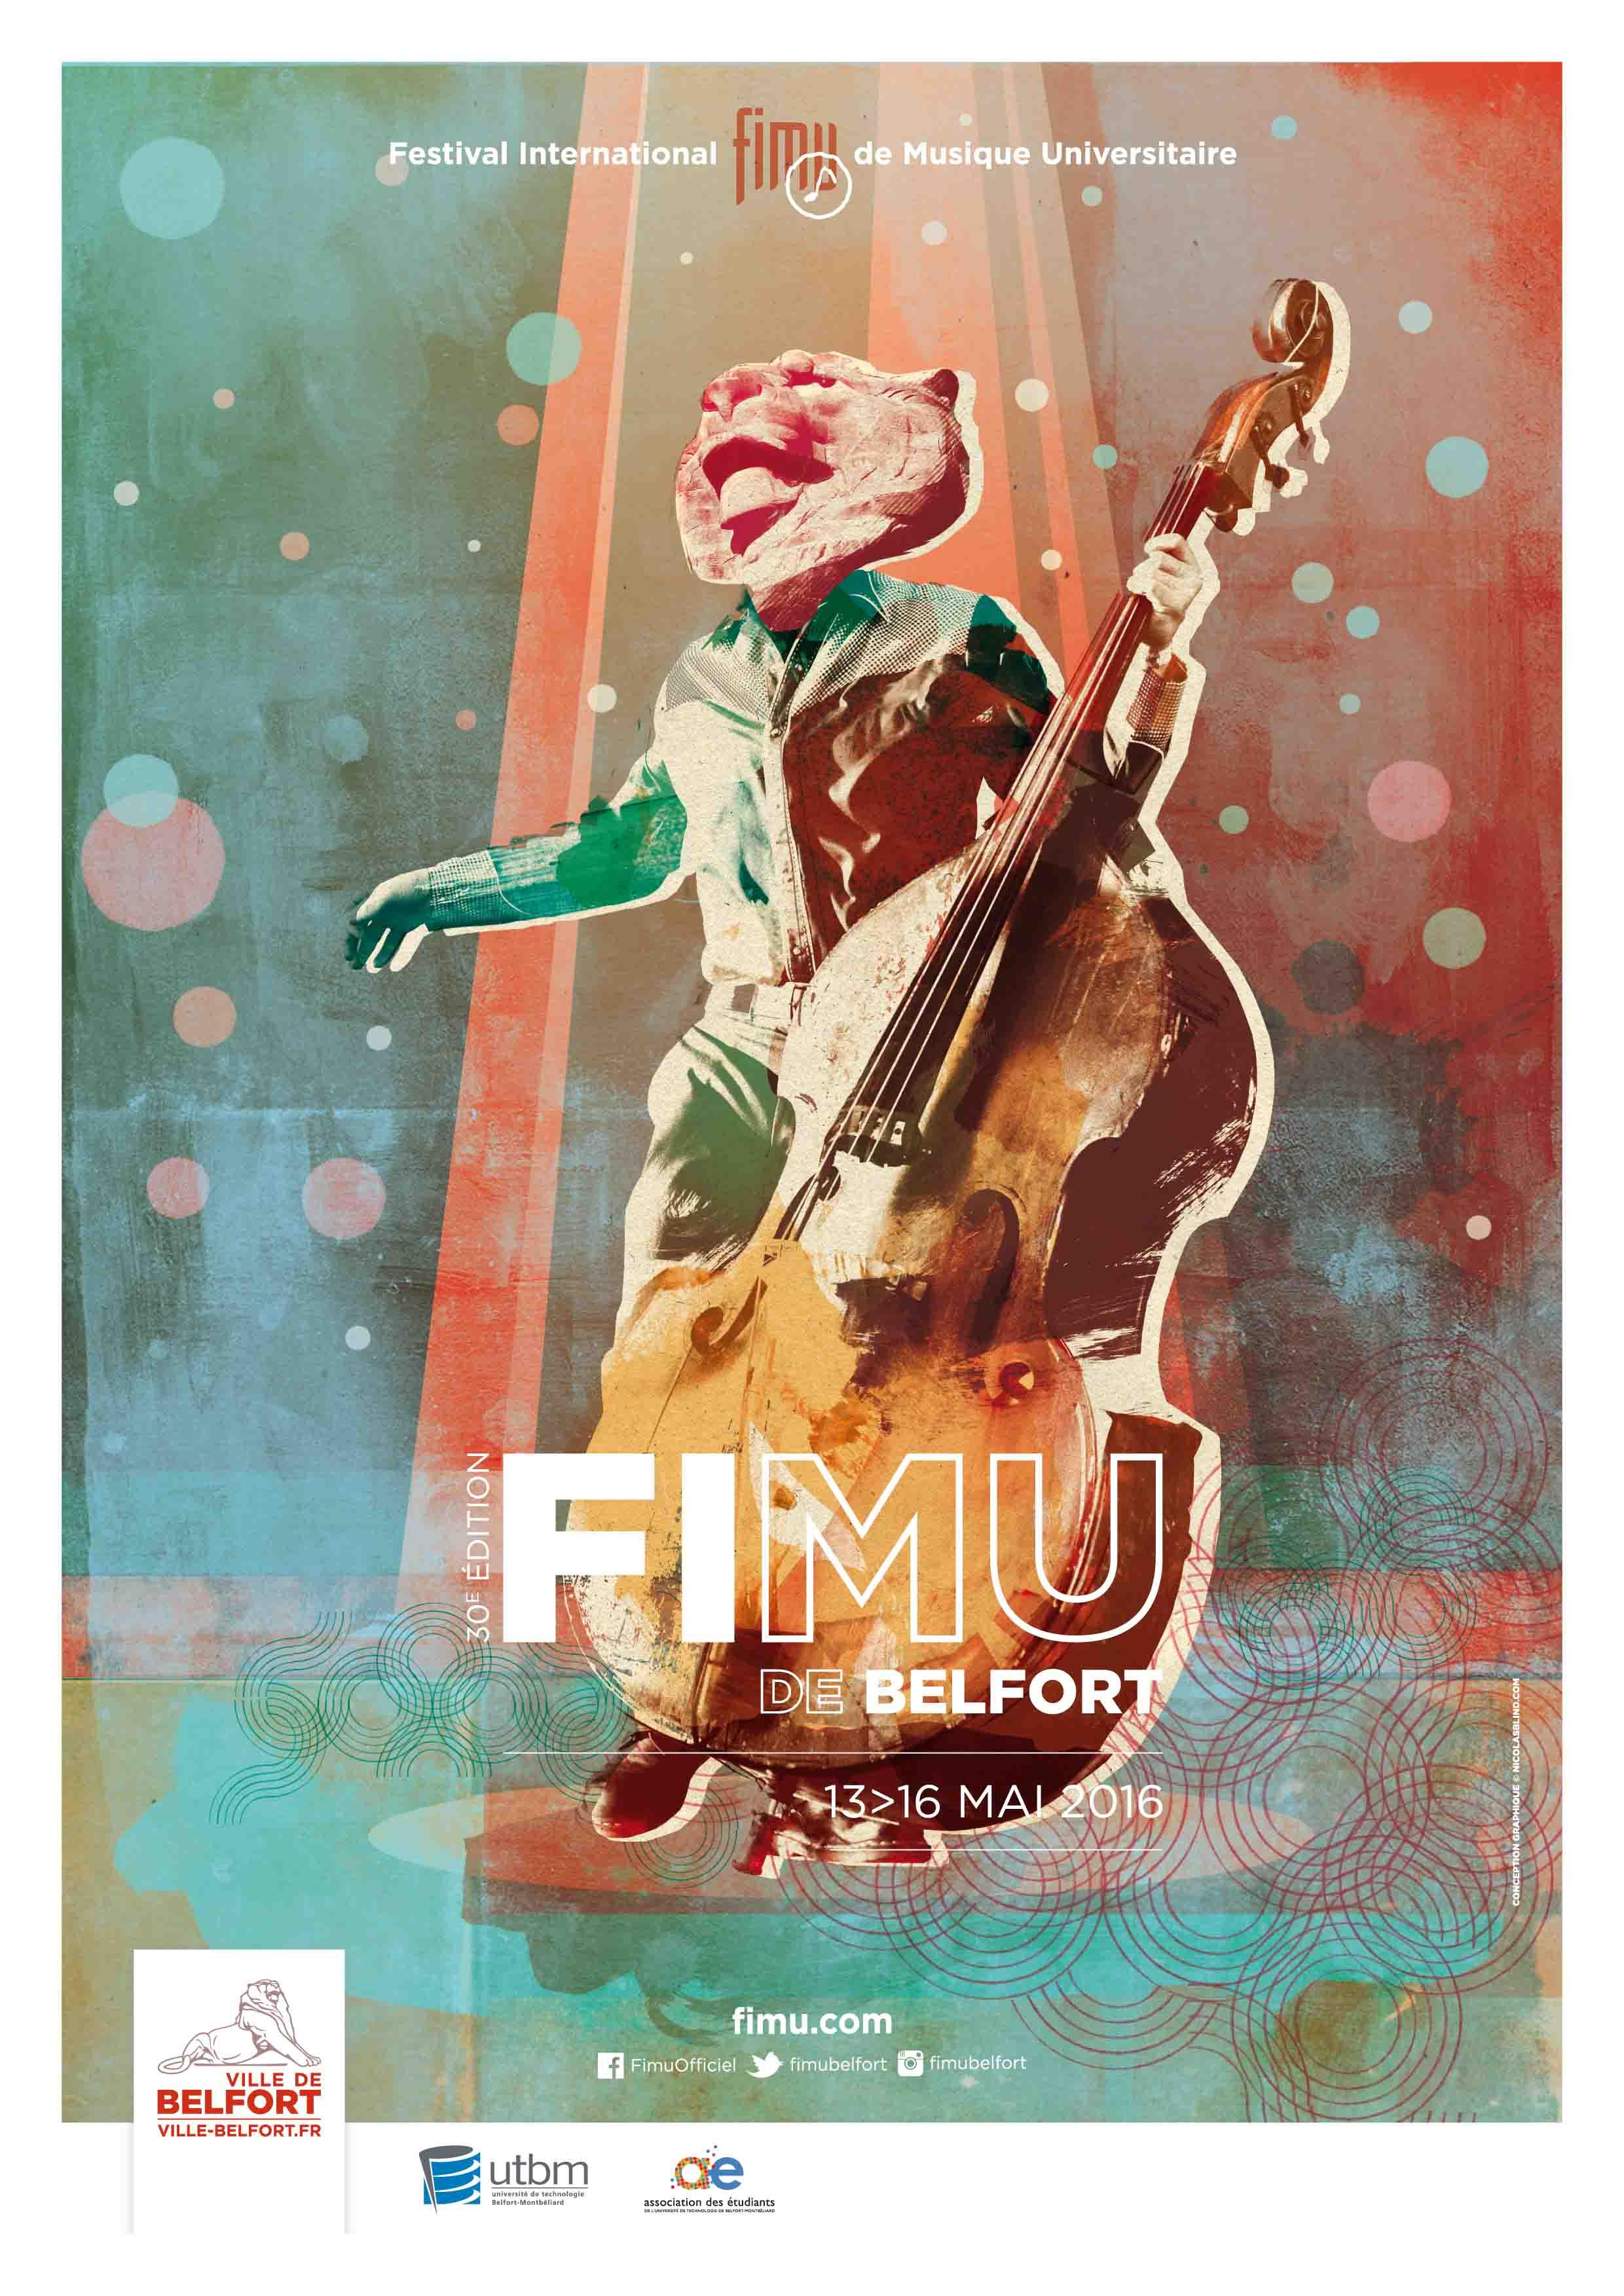 Plakat Jazz-Festival Belfort (FIMU) vom 13. bis 16. Mai und B.B.Q Jazz ist dabei!